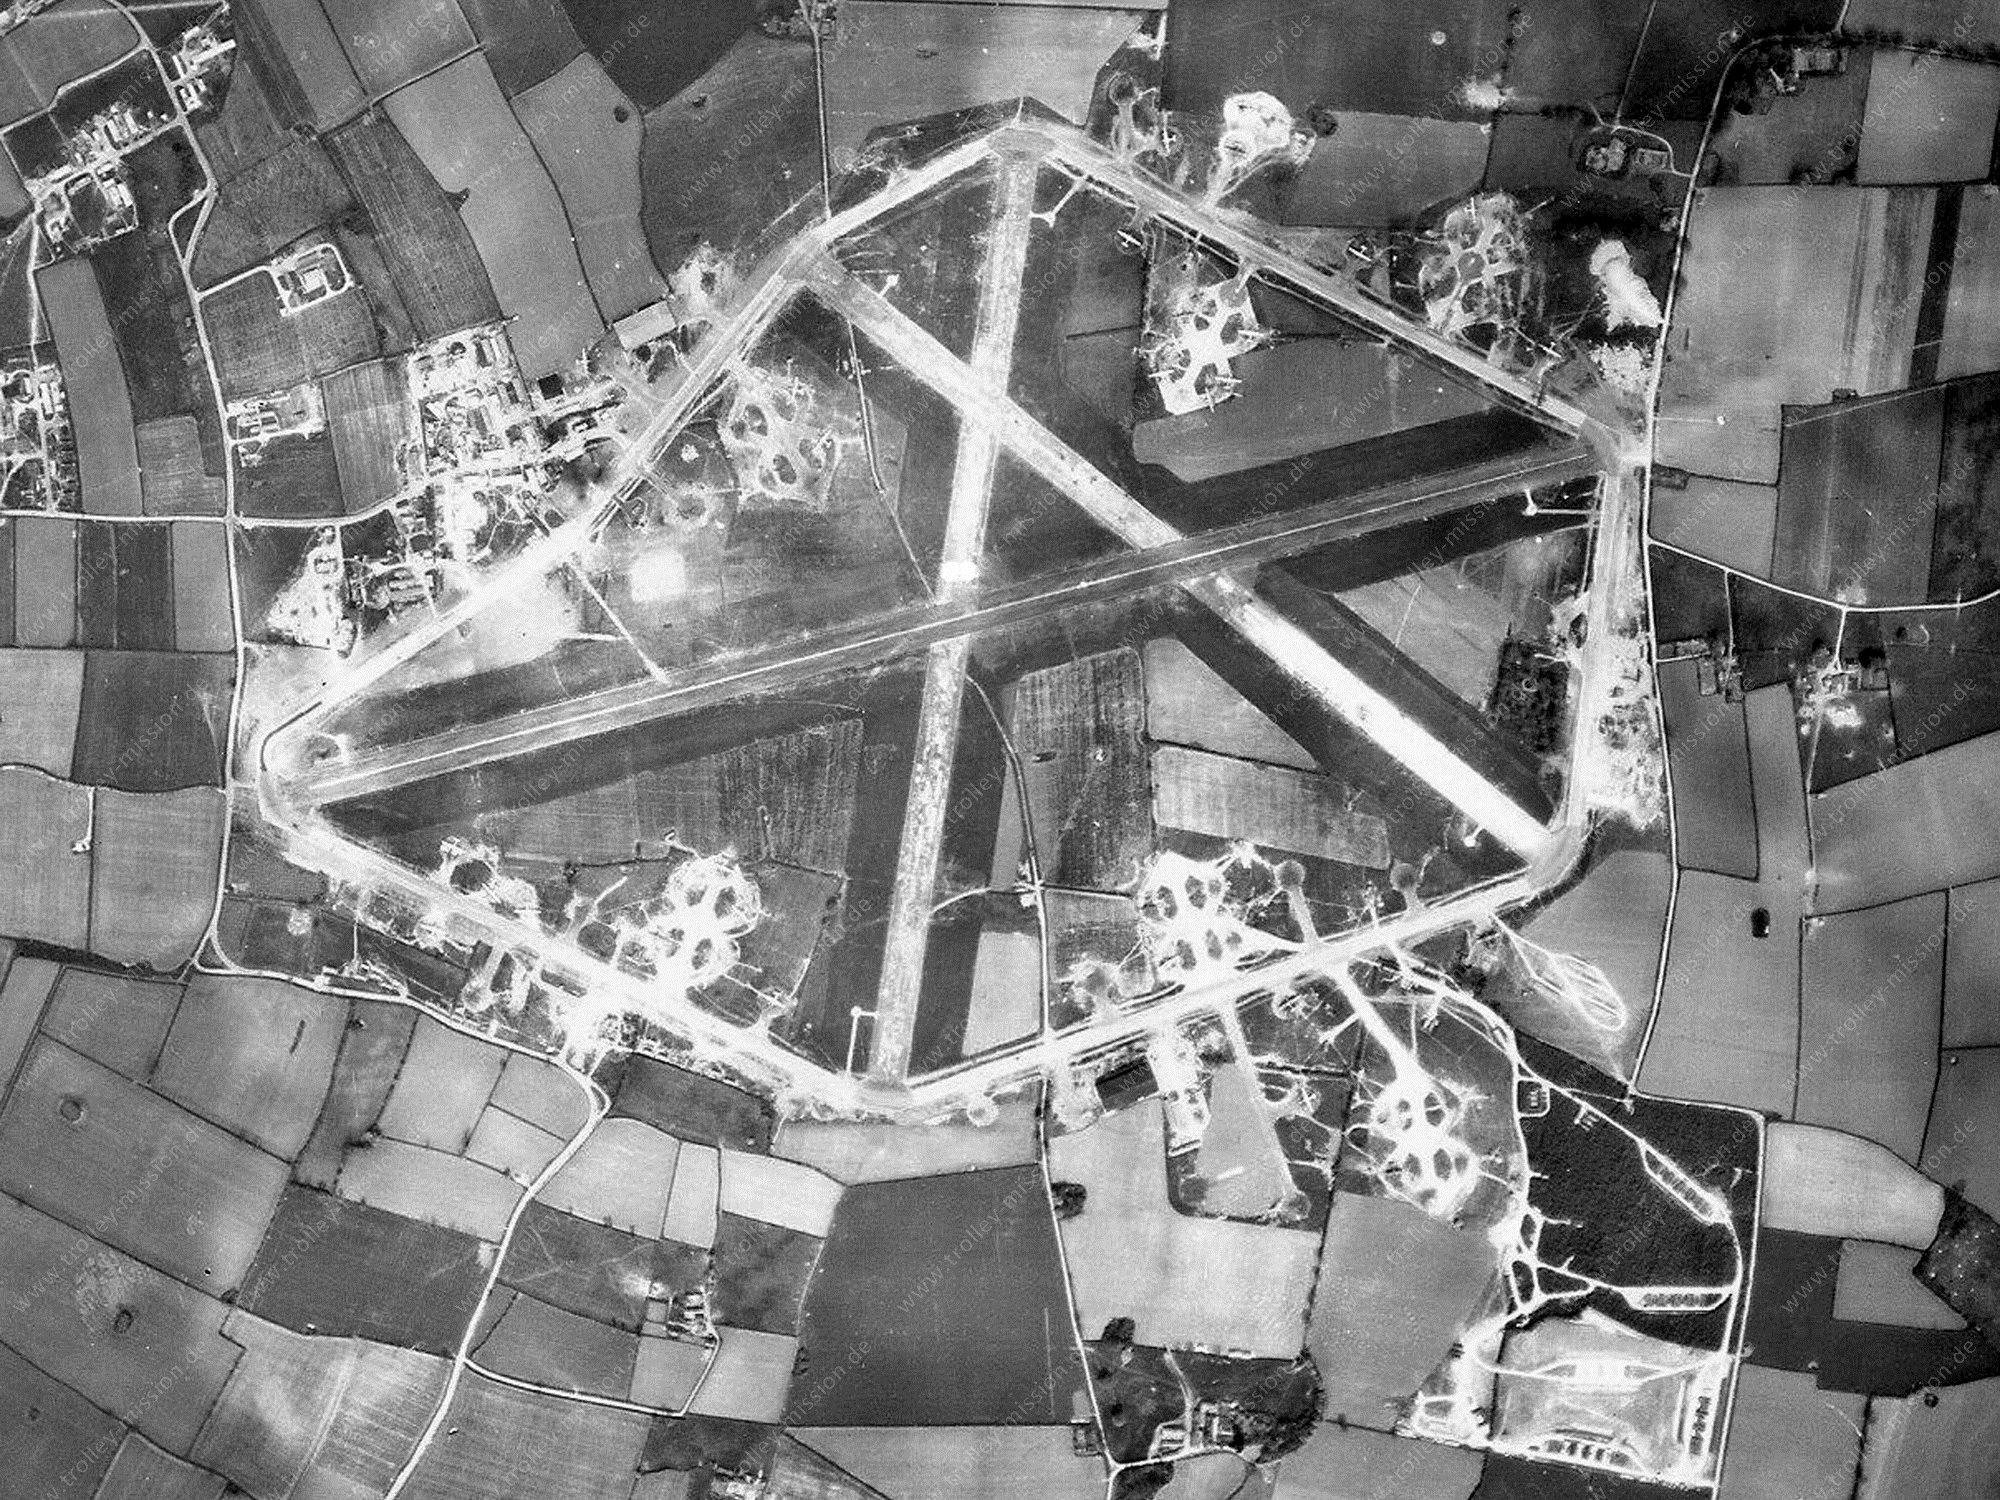 Wendling Airfield Luftbild - Basis der 392. Bomb Group und Mighty Eighth US Luftwaffe im Weltkrieg (Großbritannien)